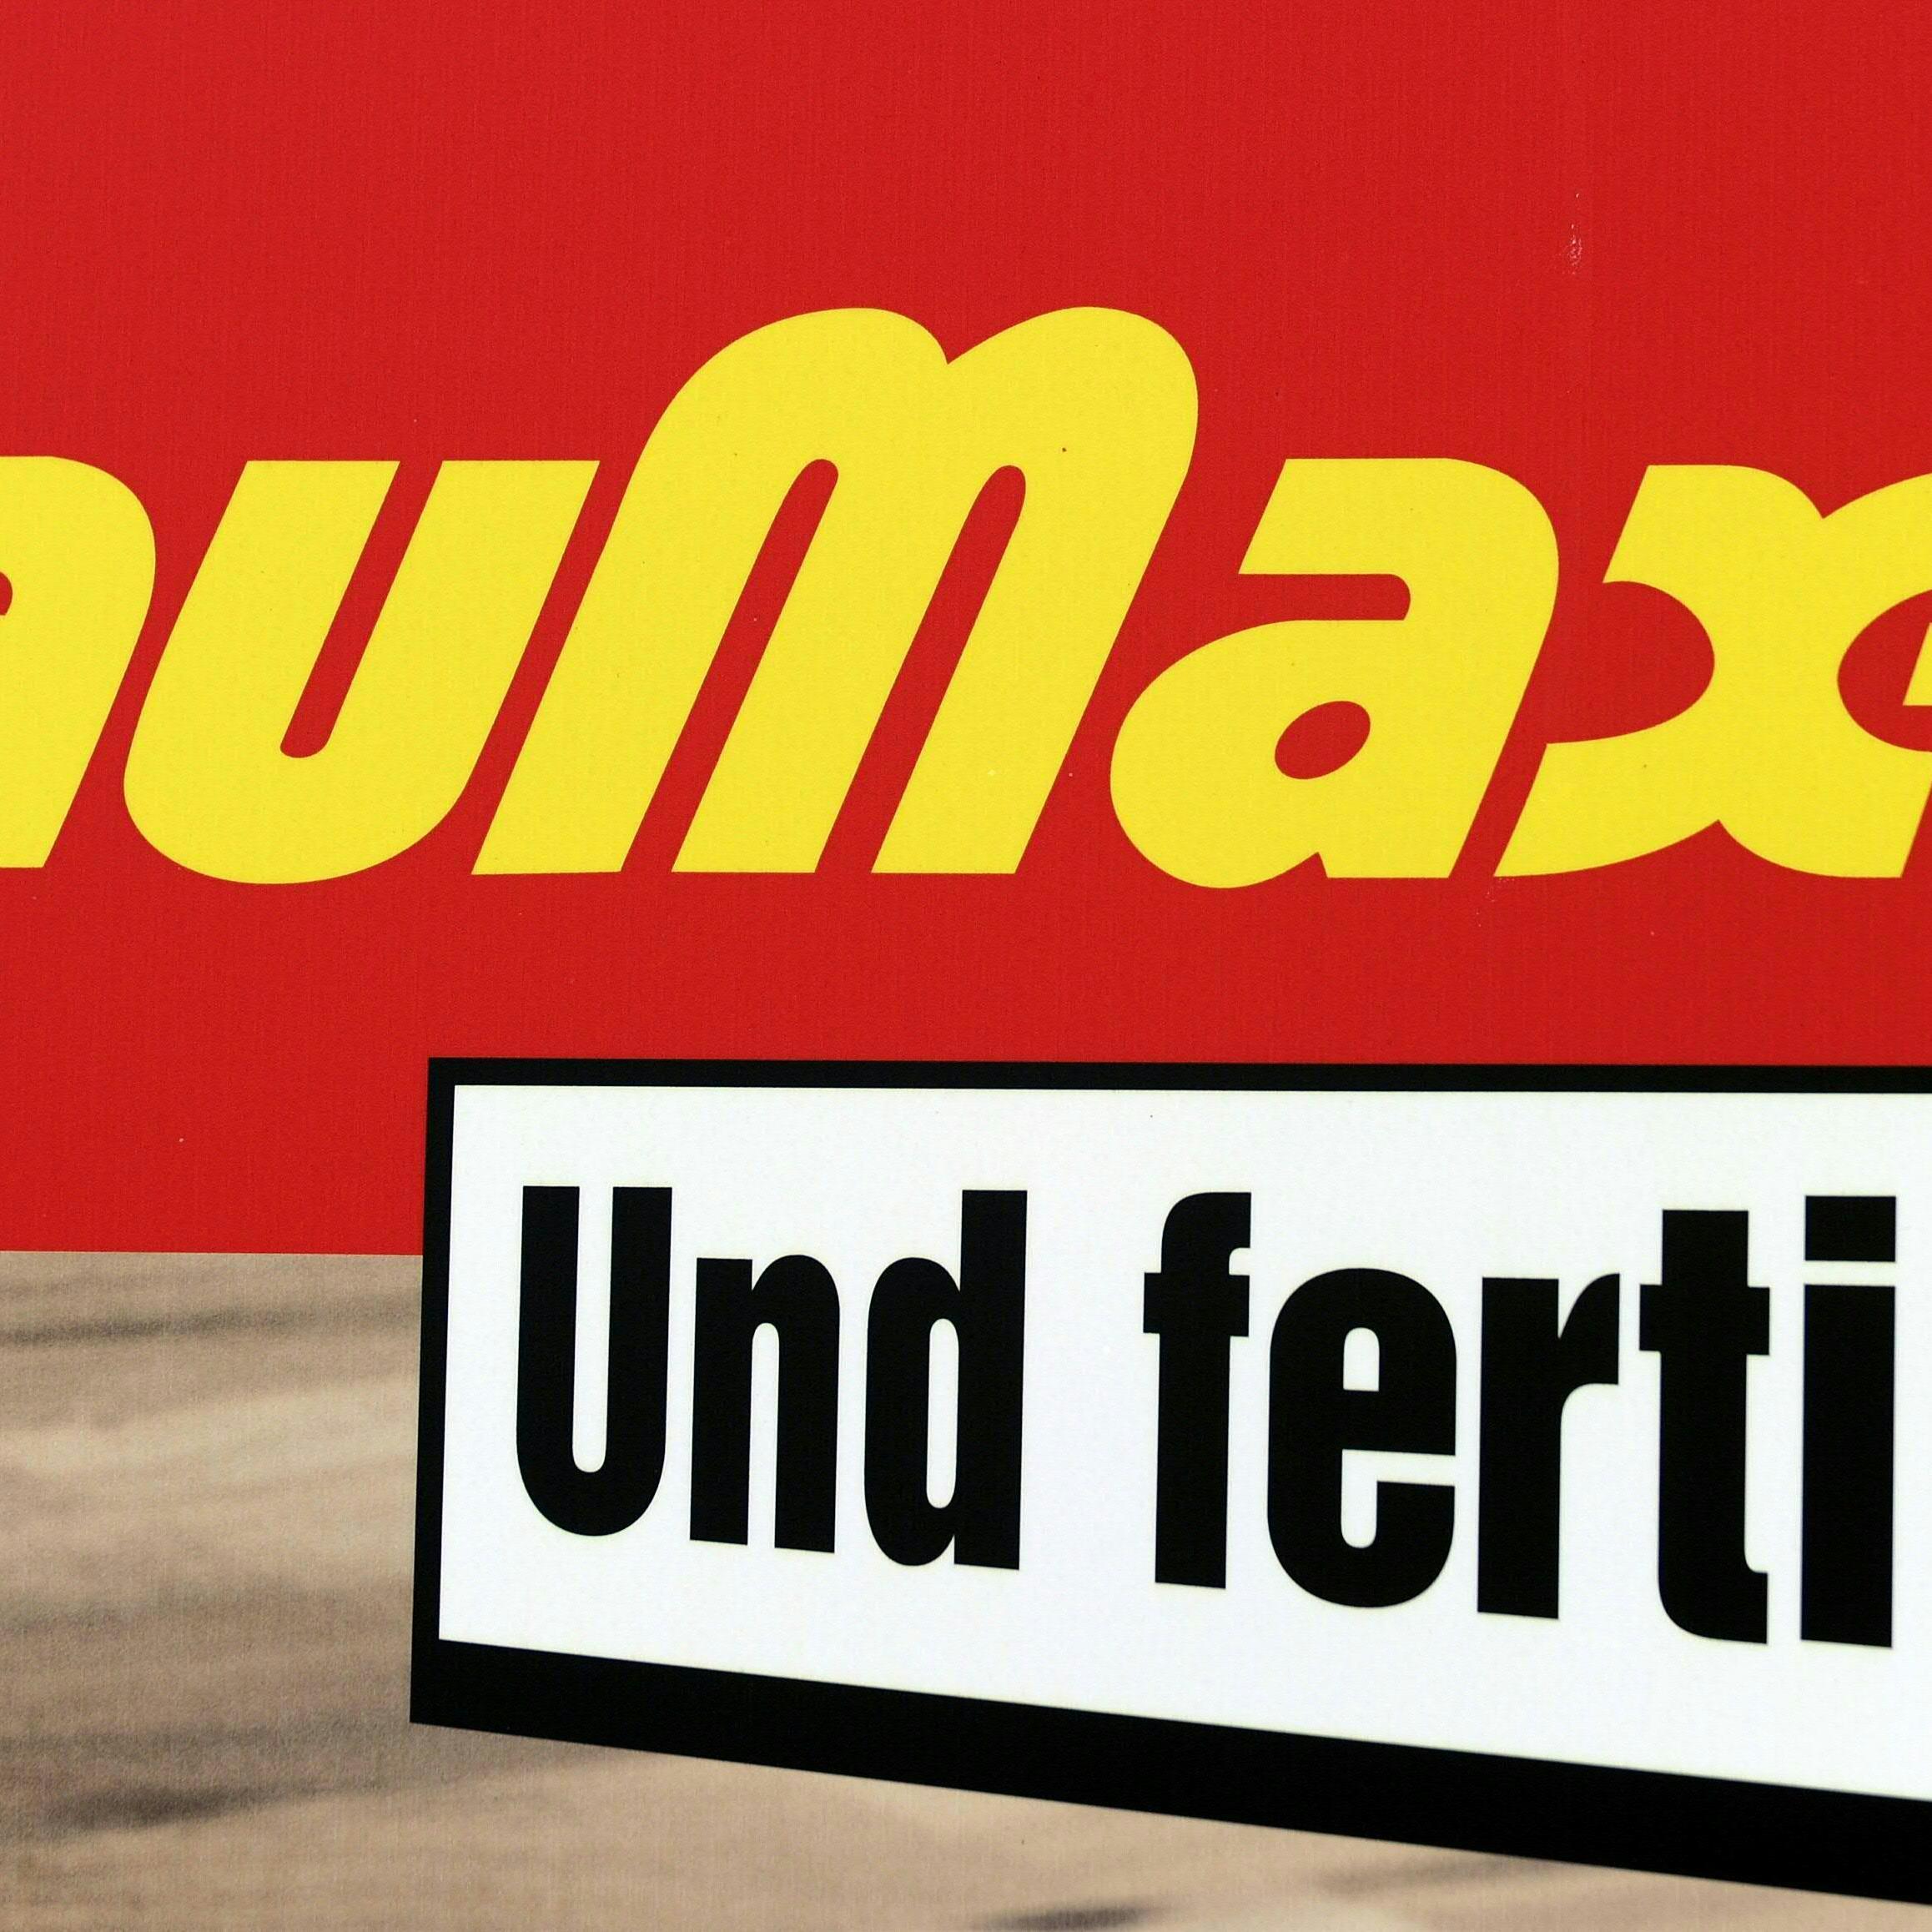 bauMax-Pleite: Über die genaue Schuldensituation liegen derzeit keine Informationen vor